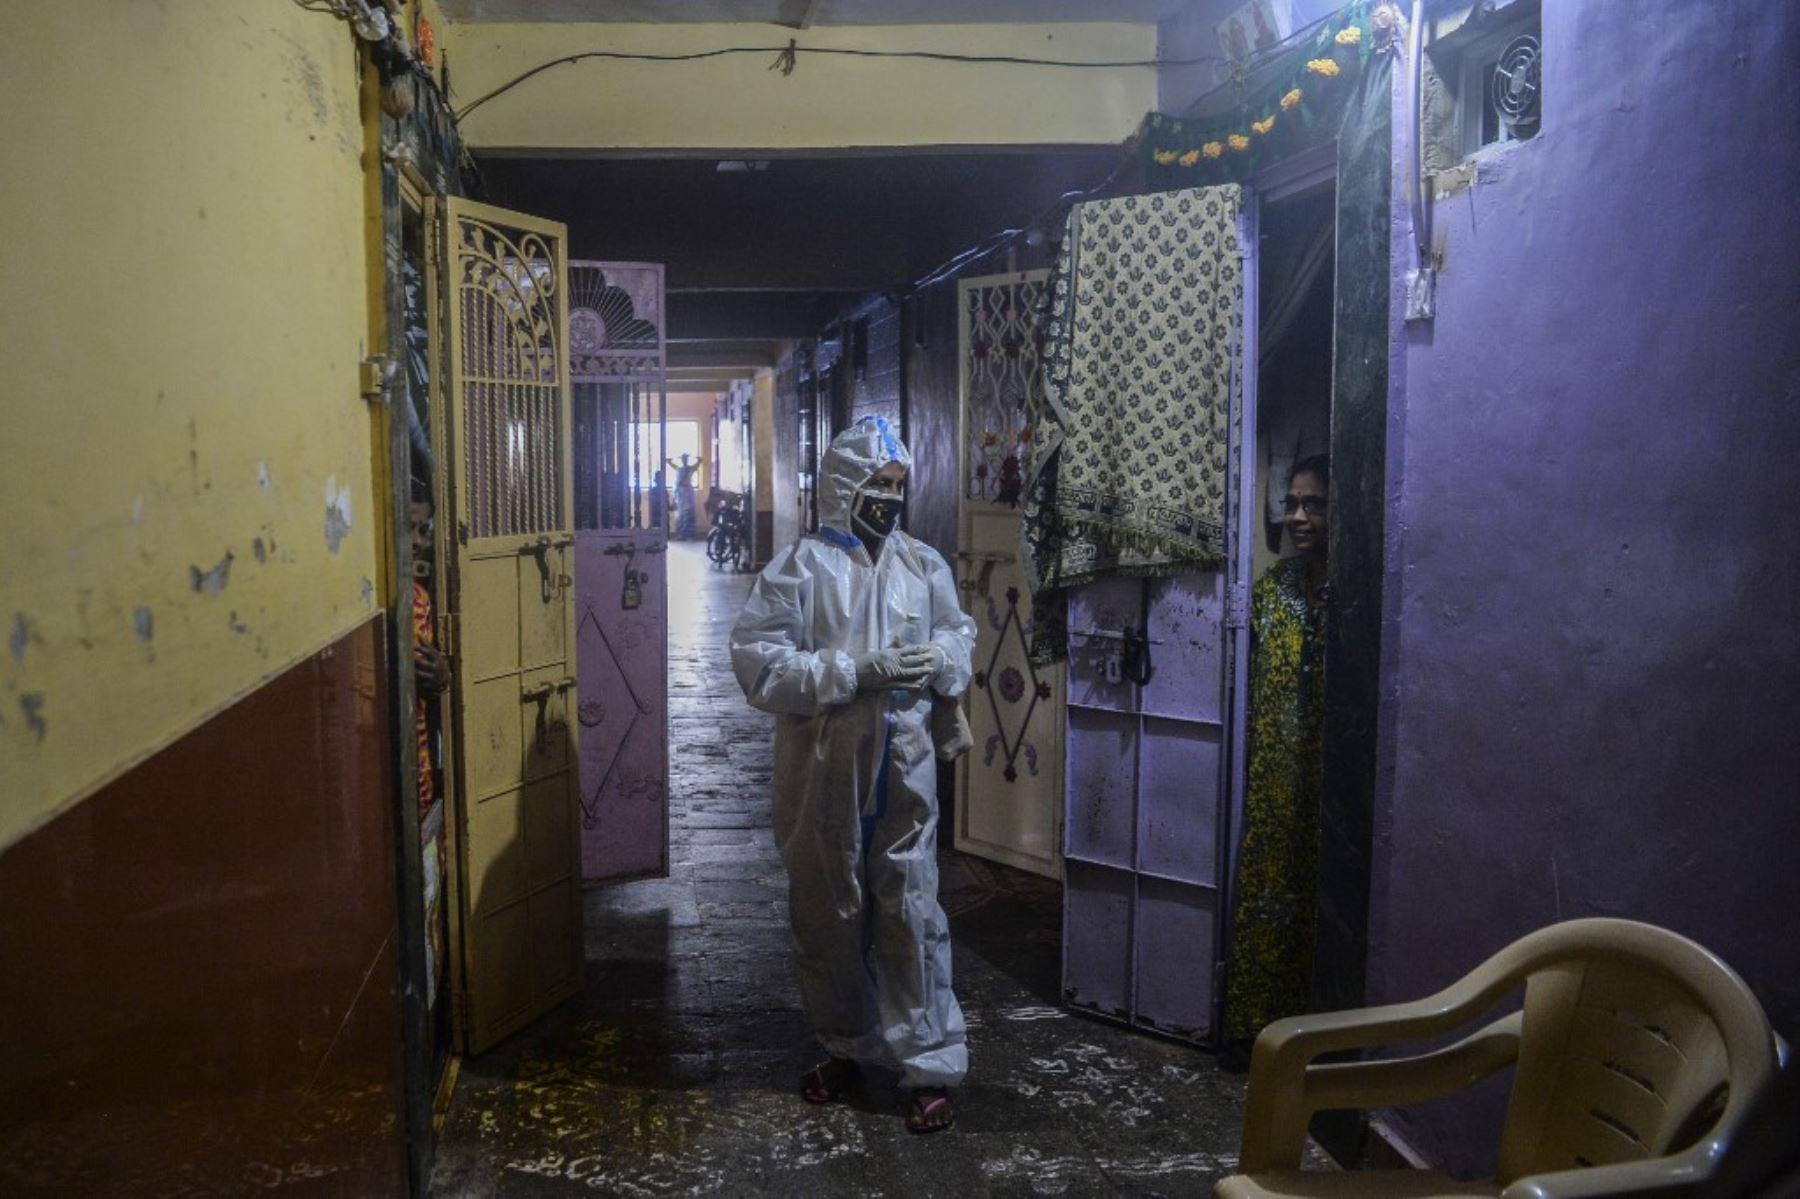 Un trabajador de la salud que usa un traje de Equipo de Protección Personal interactúa con un residente durante un examen de coronavirus covid-19 puerta a puerta en el área de los barrios marginales de Dharavi en Mumbai. Foto: AFP